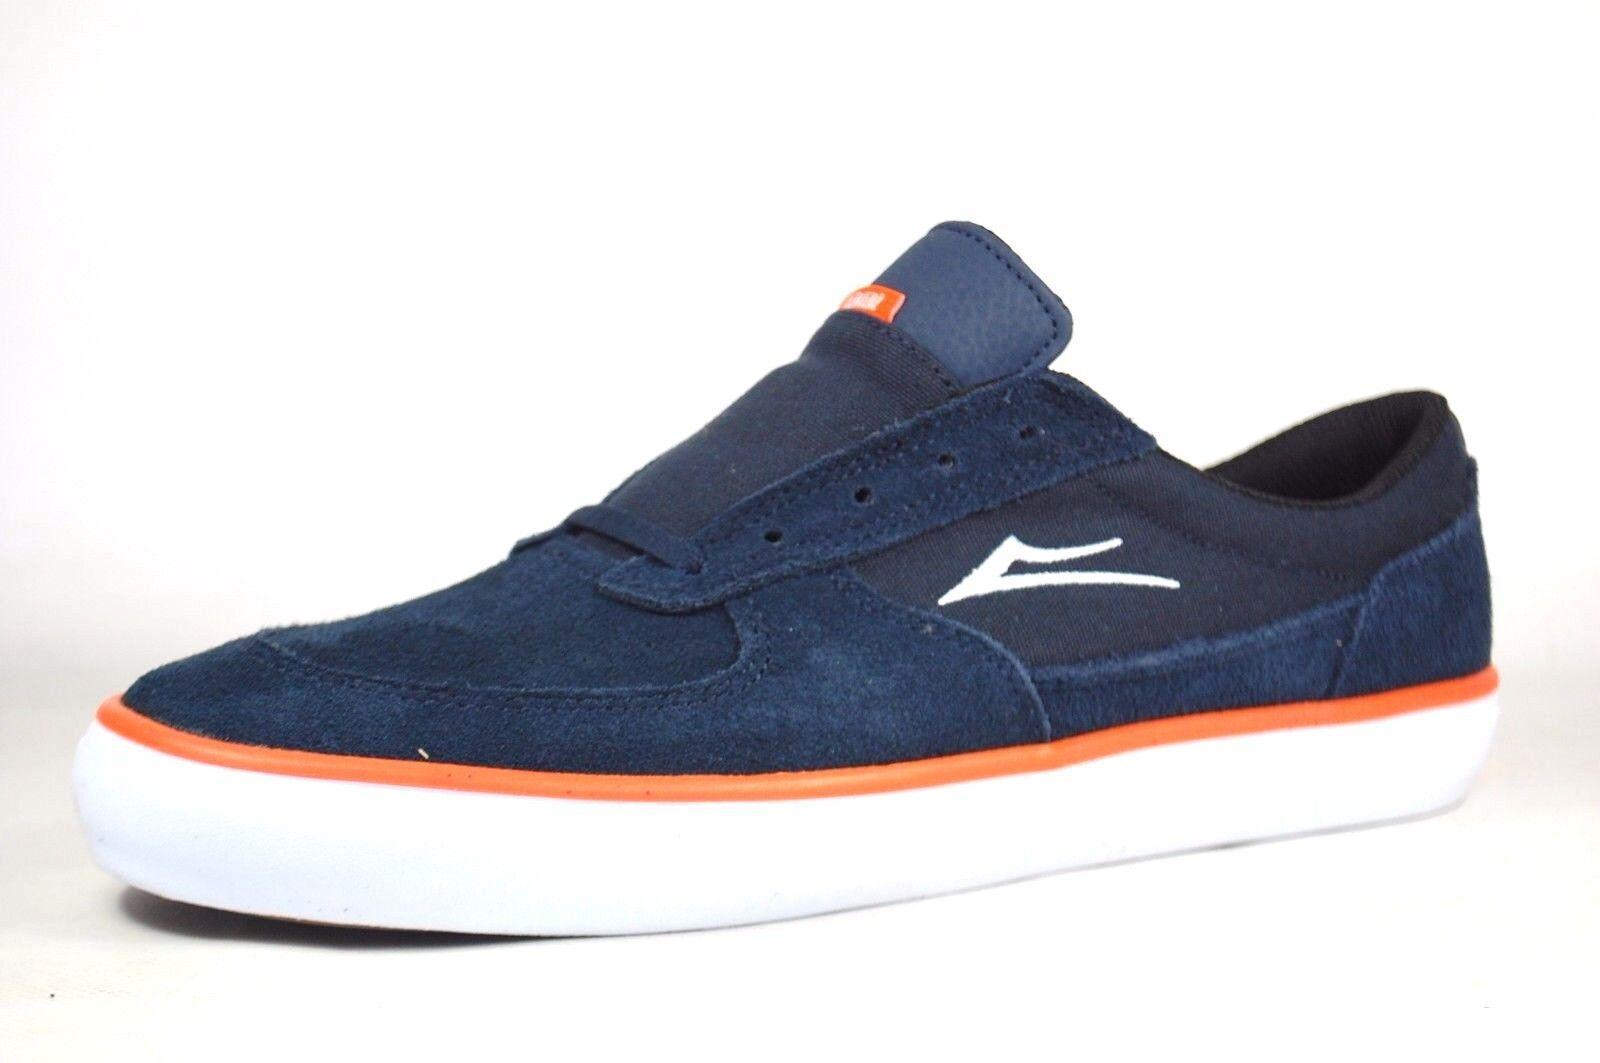 Lakai Lakai Lakai Parker anchor Skate Schuhe Turnschuhe verschieden Größen 366ab9